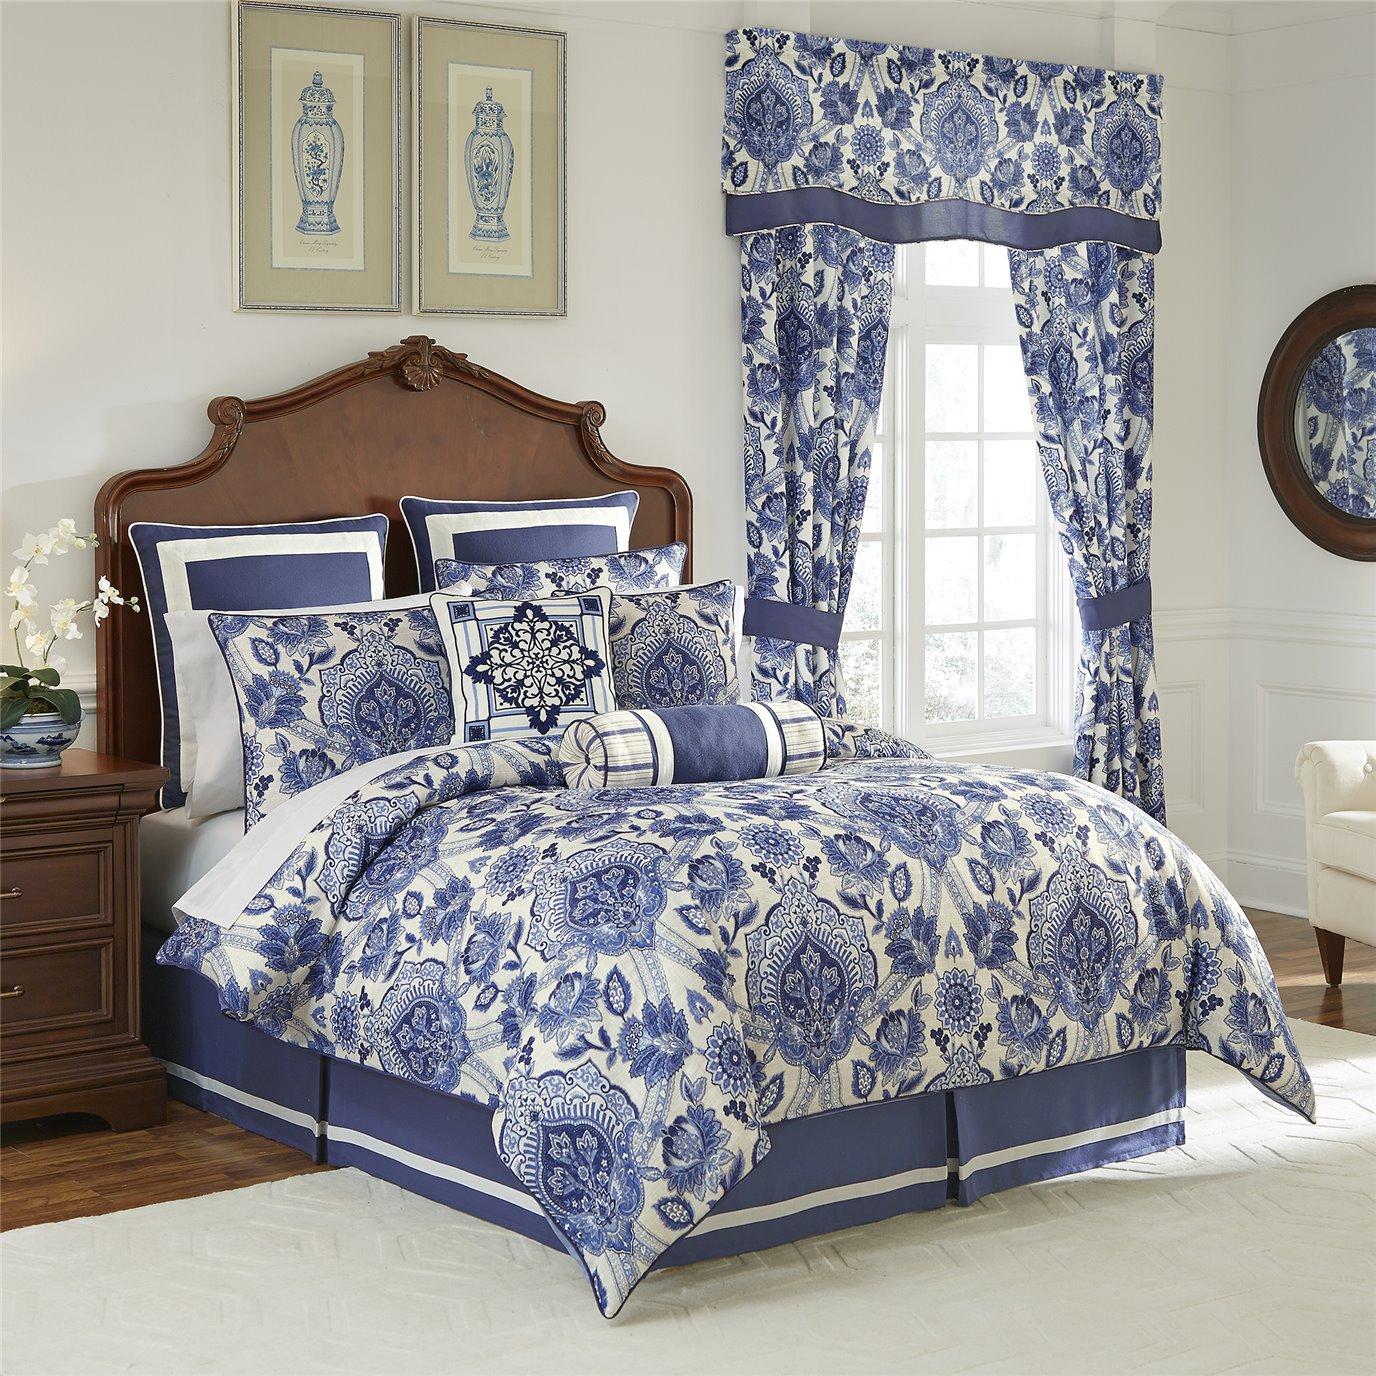 Leland King 4 Piece Comforter set